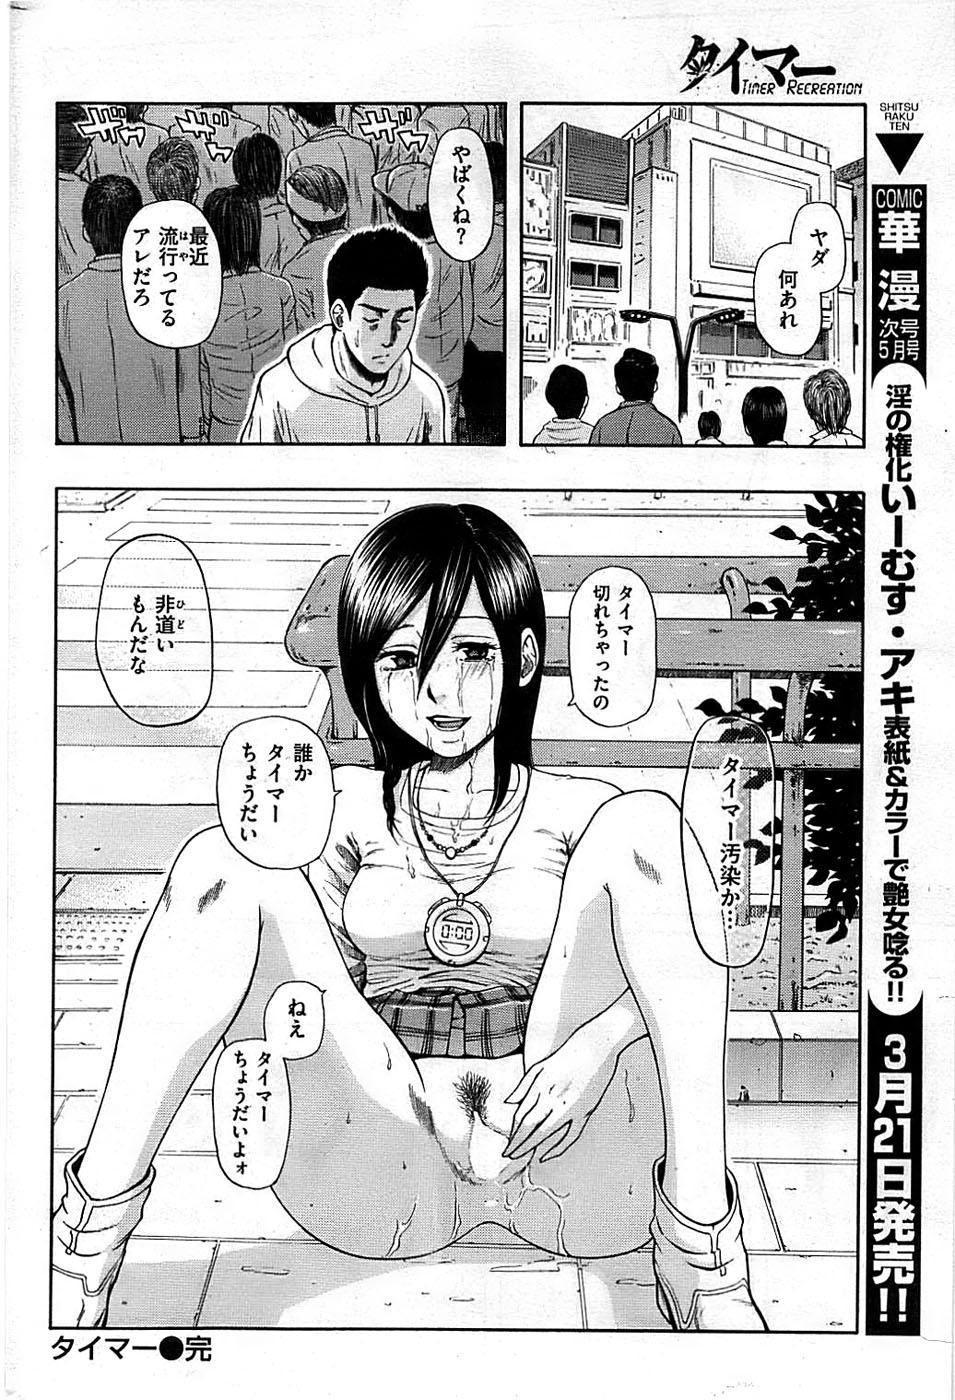 COMIC Shitsurakuten 2009-04 227